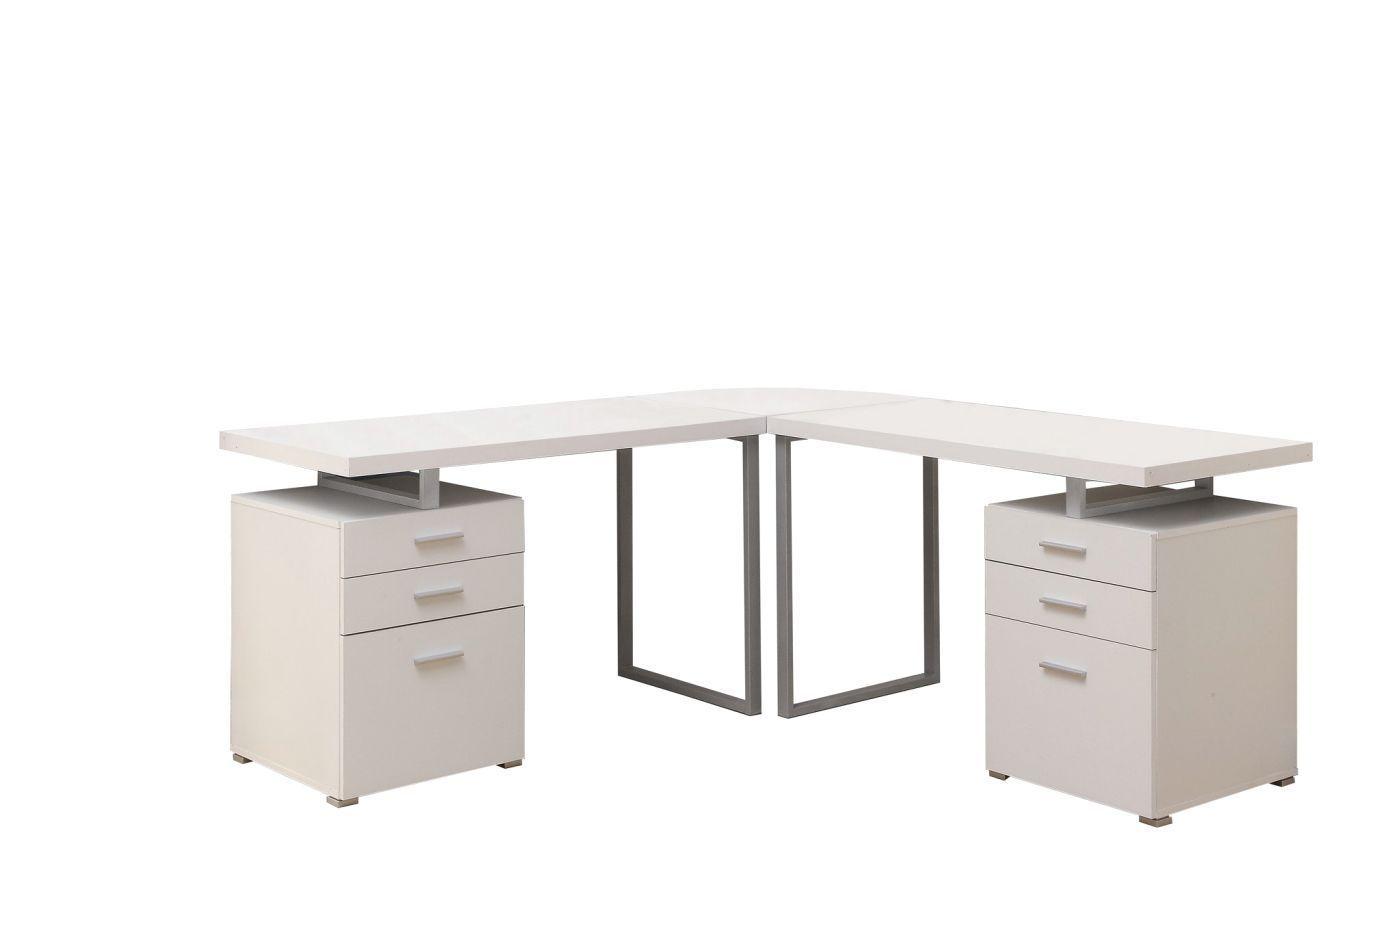 White 3pc Hollow Core L Shaped Desk 2 Desks 1 Corner Wedge L